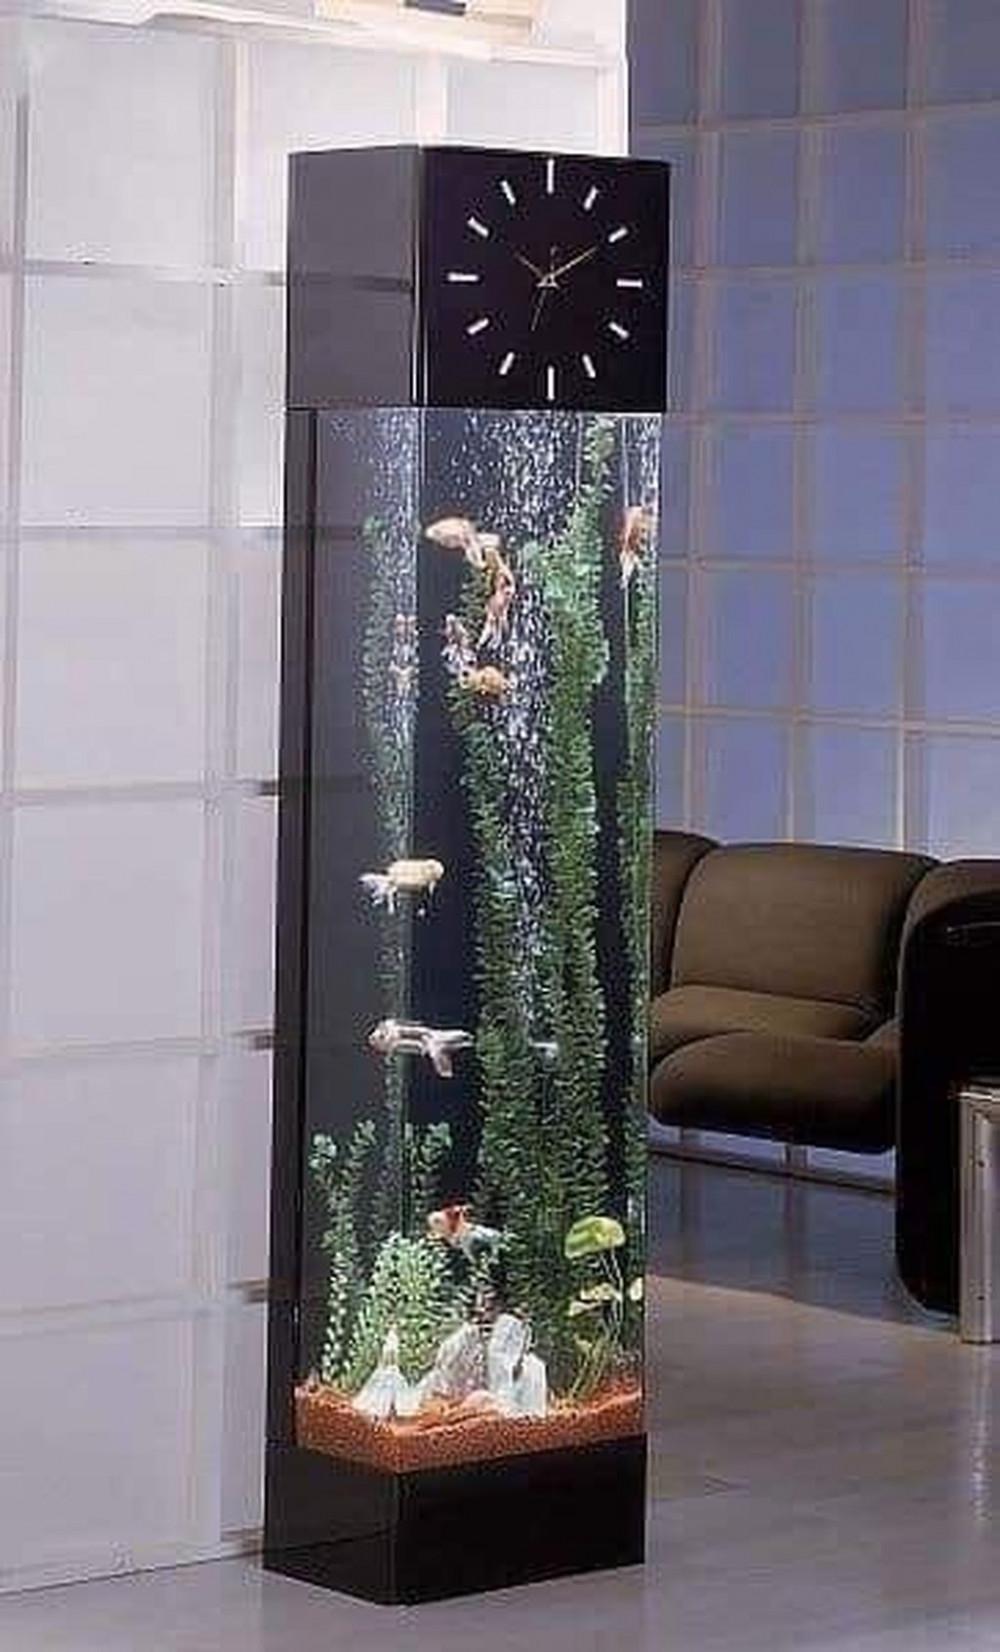 Hình 5. Cây bể cá đứng kết hợp đồng hồ vừa hiện đại vừa đa chức năng, tạo điểm nhấn trong trang trí nội thất.